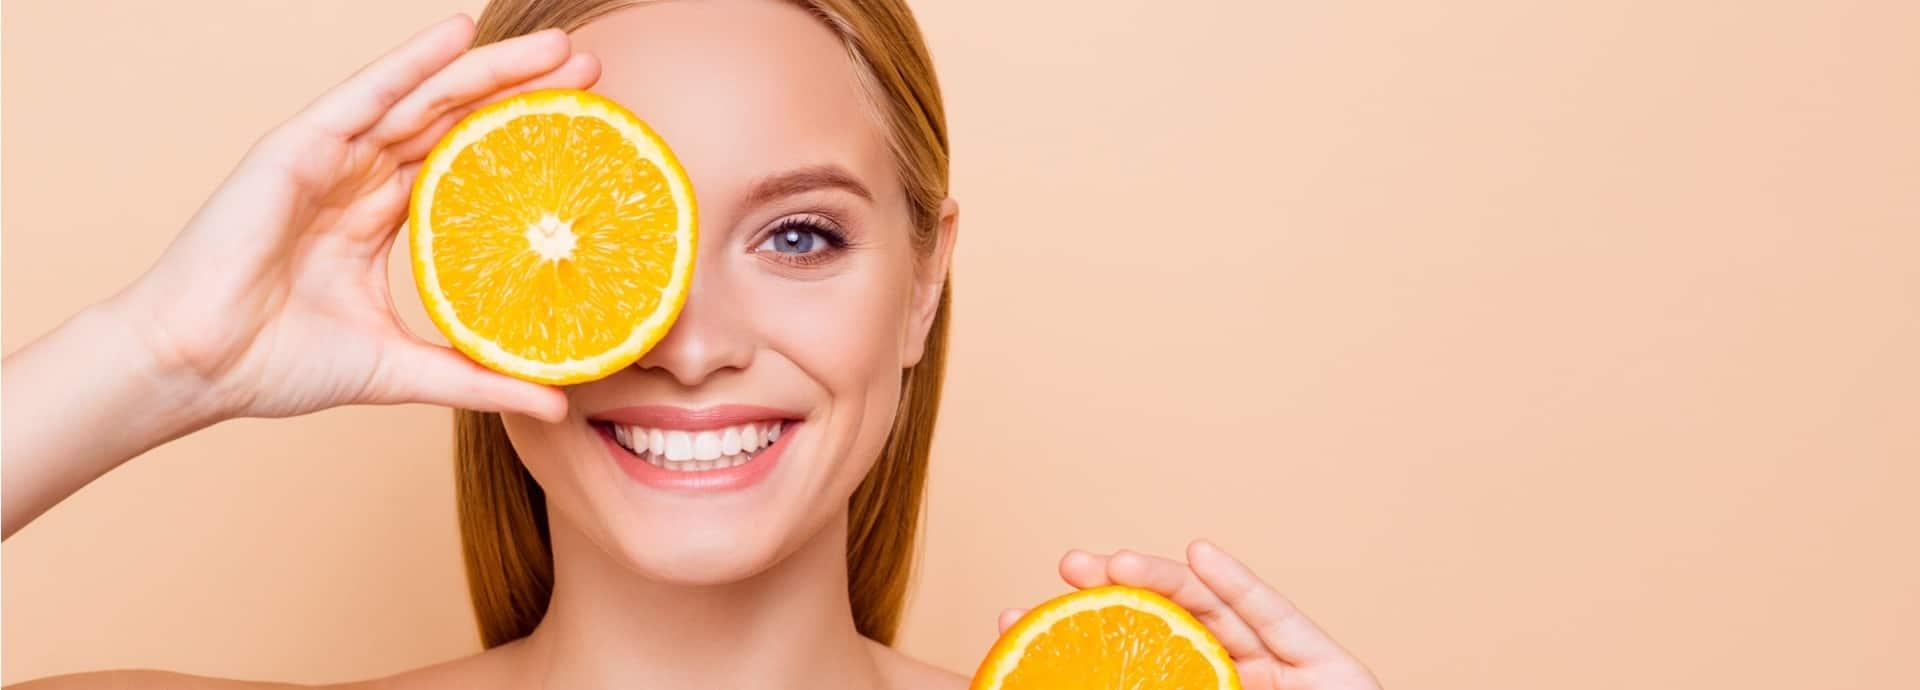 Какво означават понятията витамин и витамини_